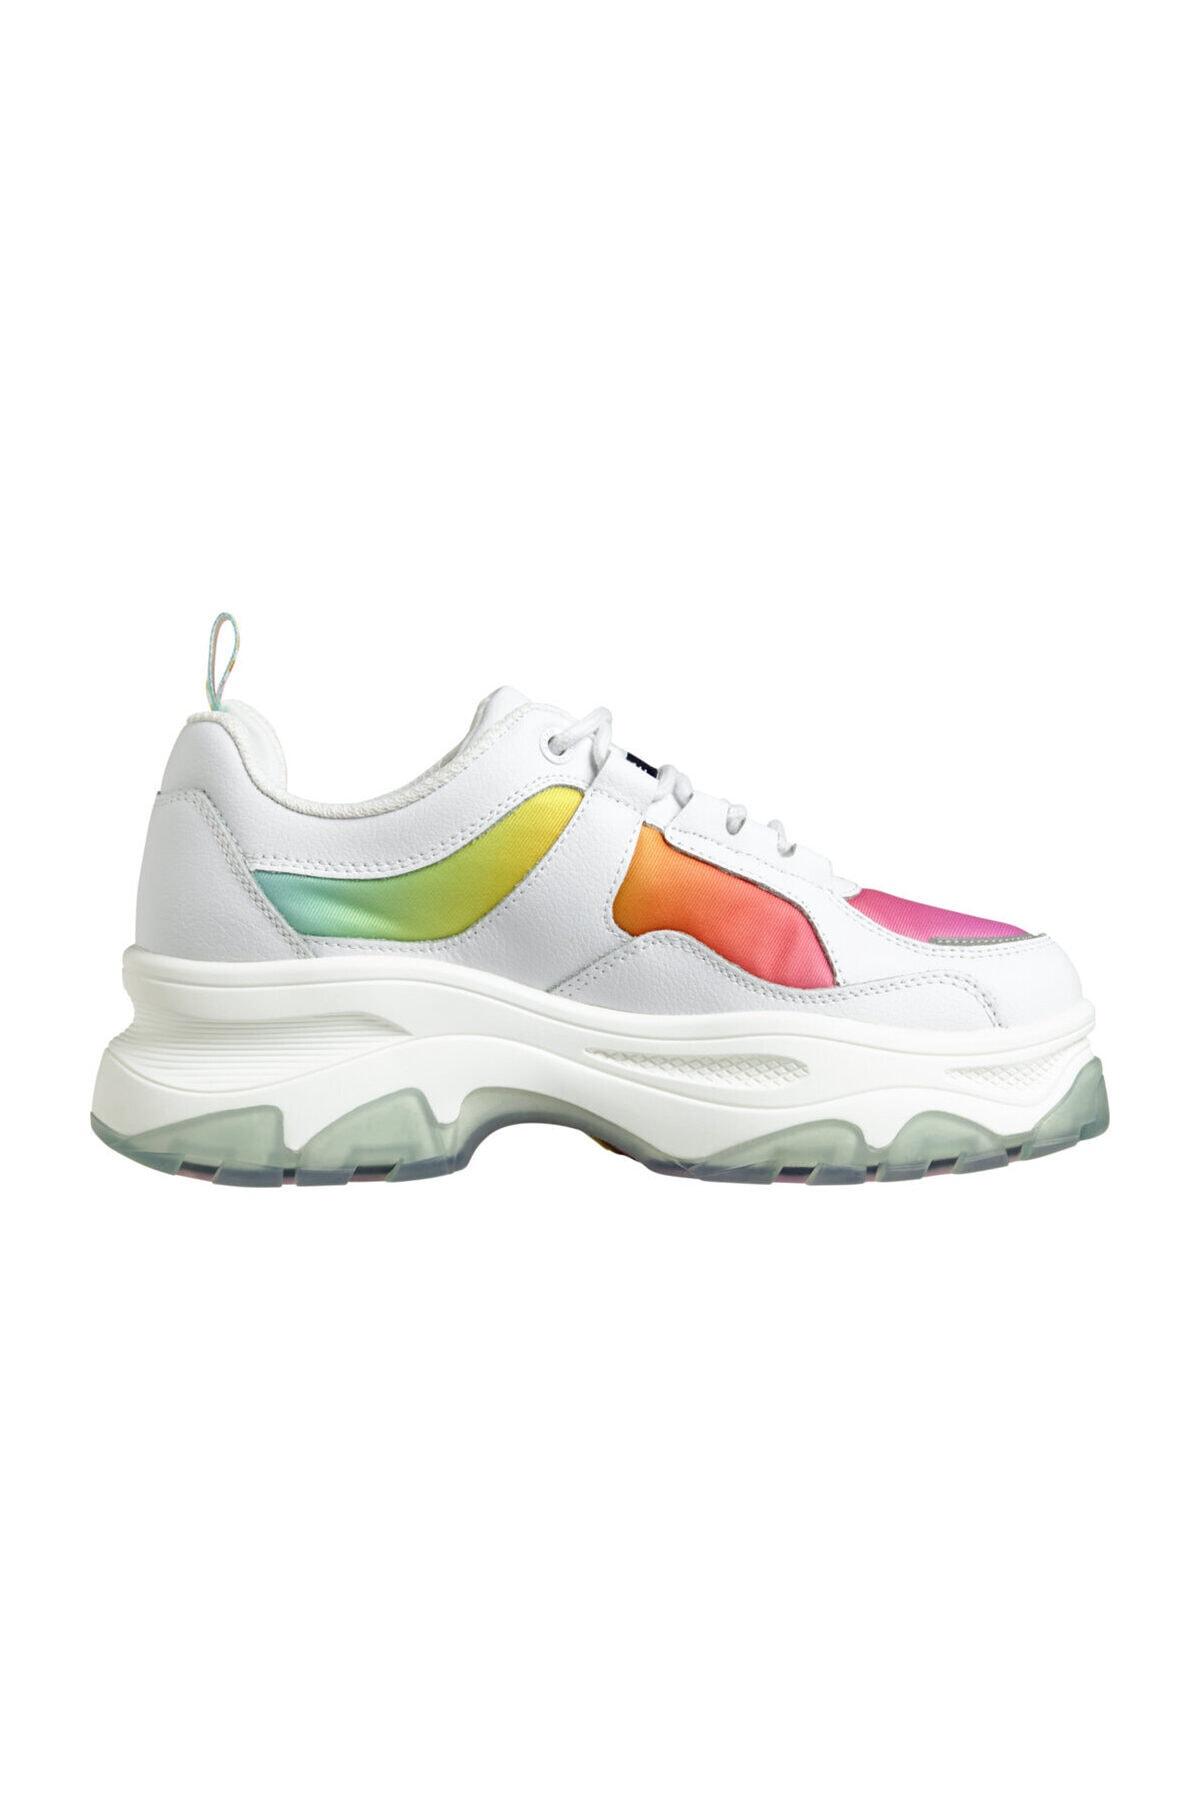 Tommy Hilfiger Degrade Flatform Shoe 1